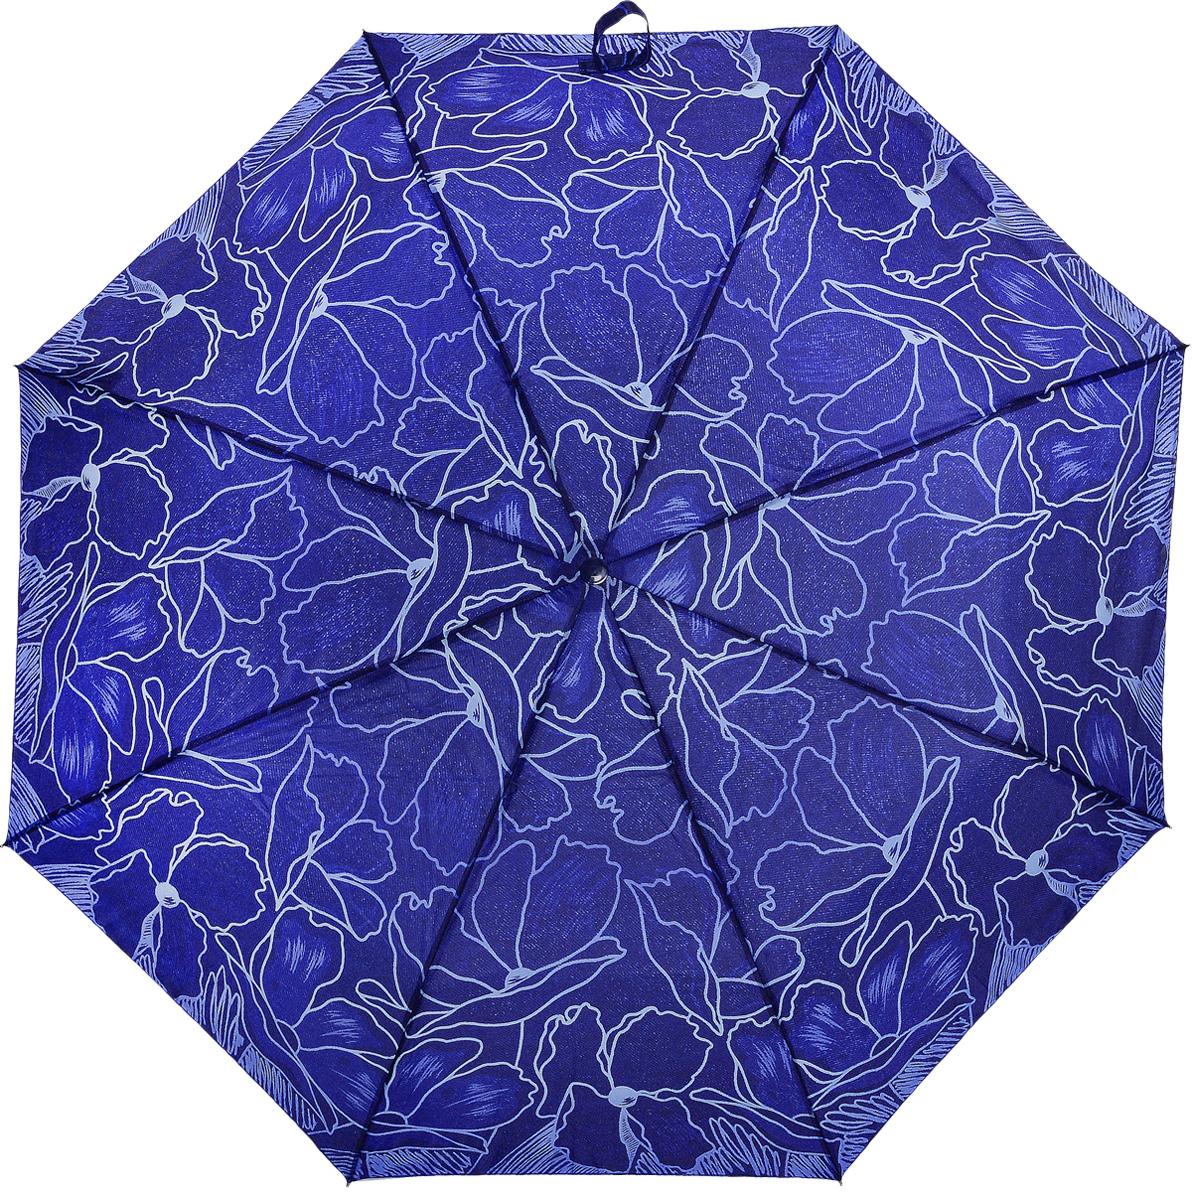 Зонт женский Prize, механический, 3 сложения, цвет: синий, голубой. 355-417355-417Классический женский зонт в 3 сложения с механической системой открытия и закрытия. Удобная ручка выполнена из пластика. Модель зонта выполнена в стандартном размере. Данная модель пердставляет собой эконом класс.